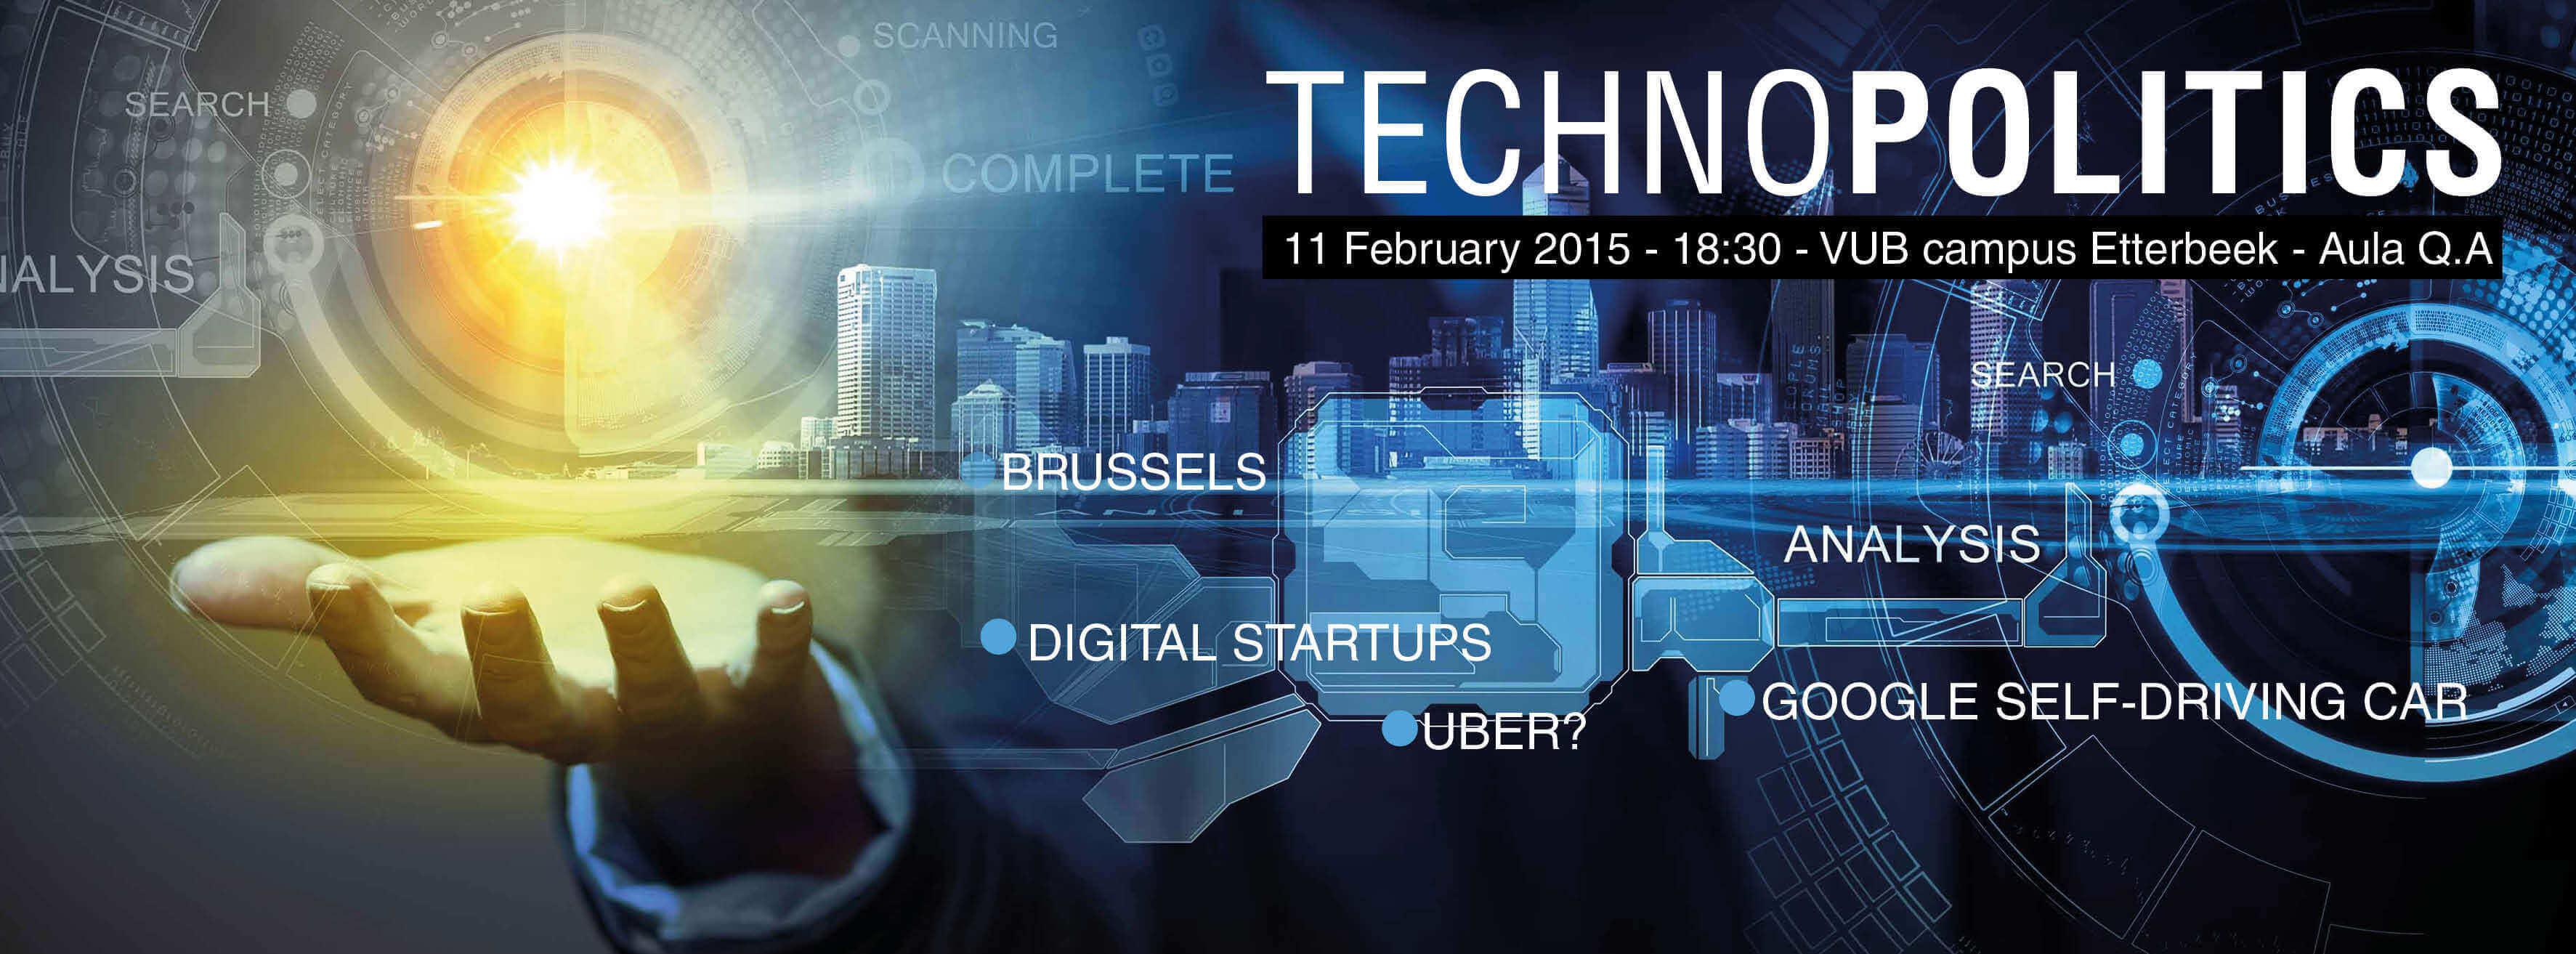 Technopolitics place l'avancée technologique au cœur du débat